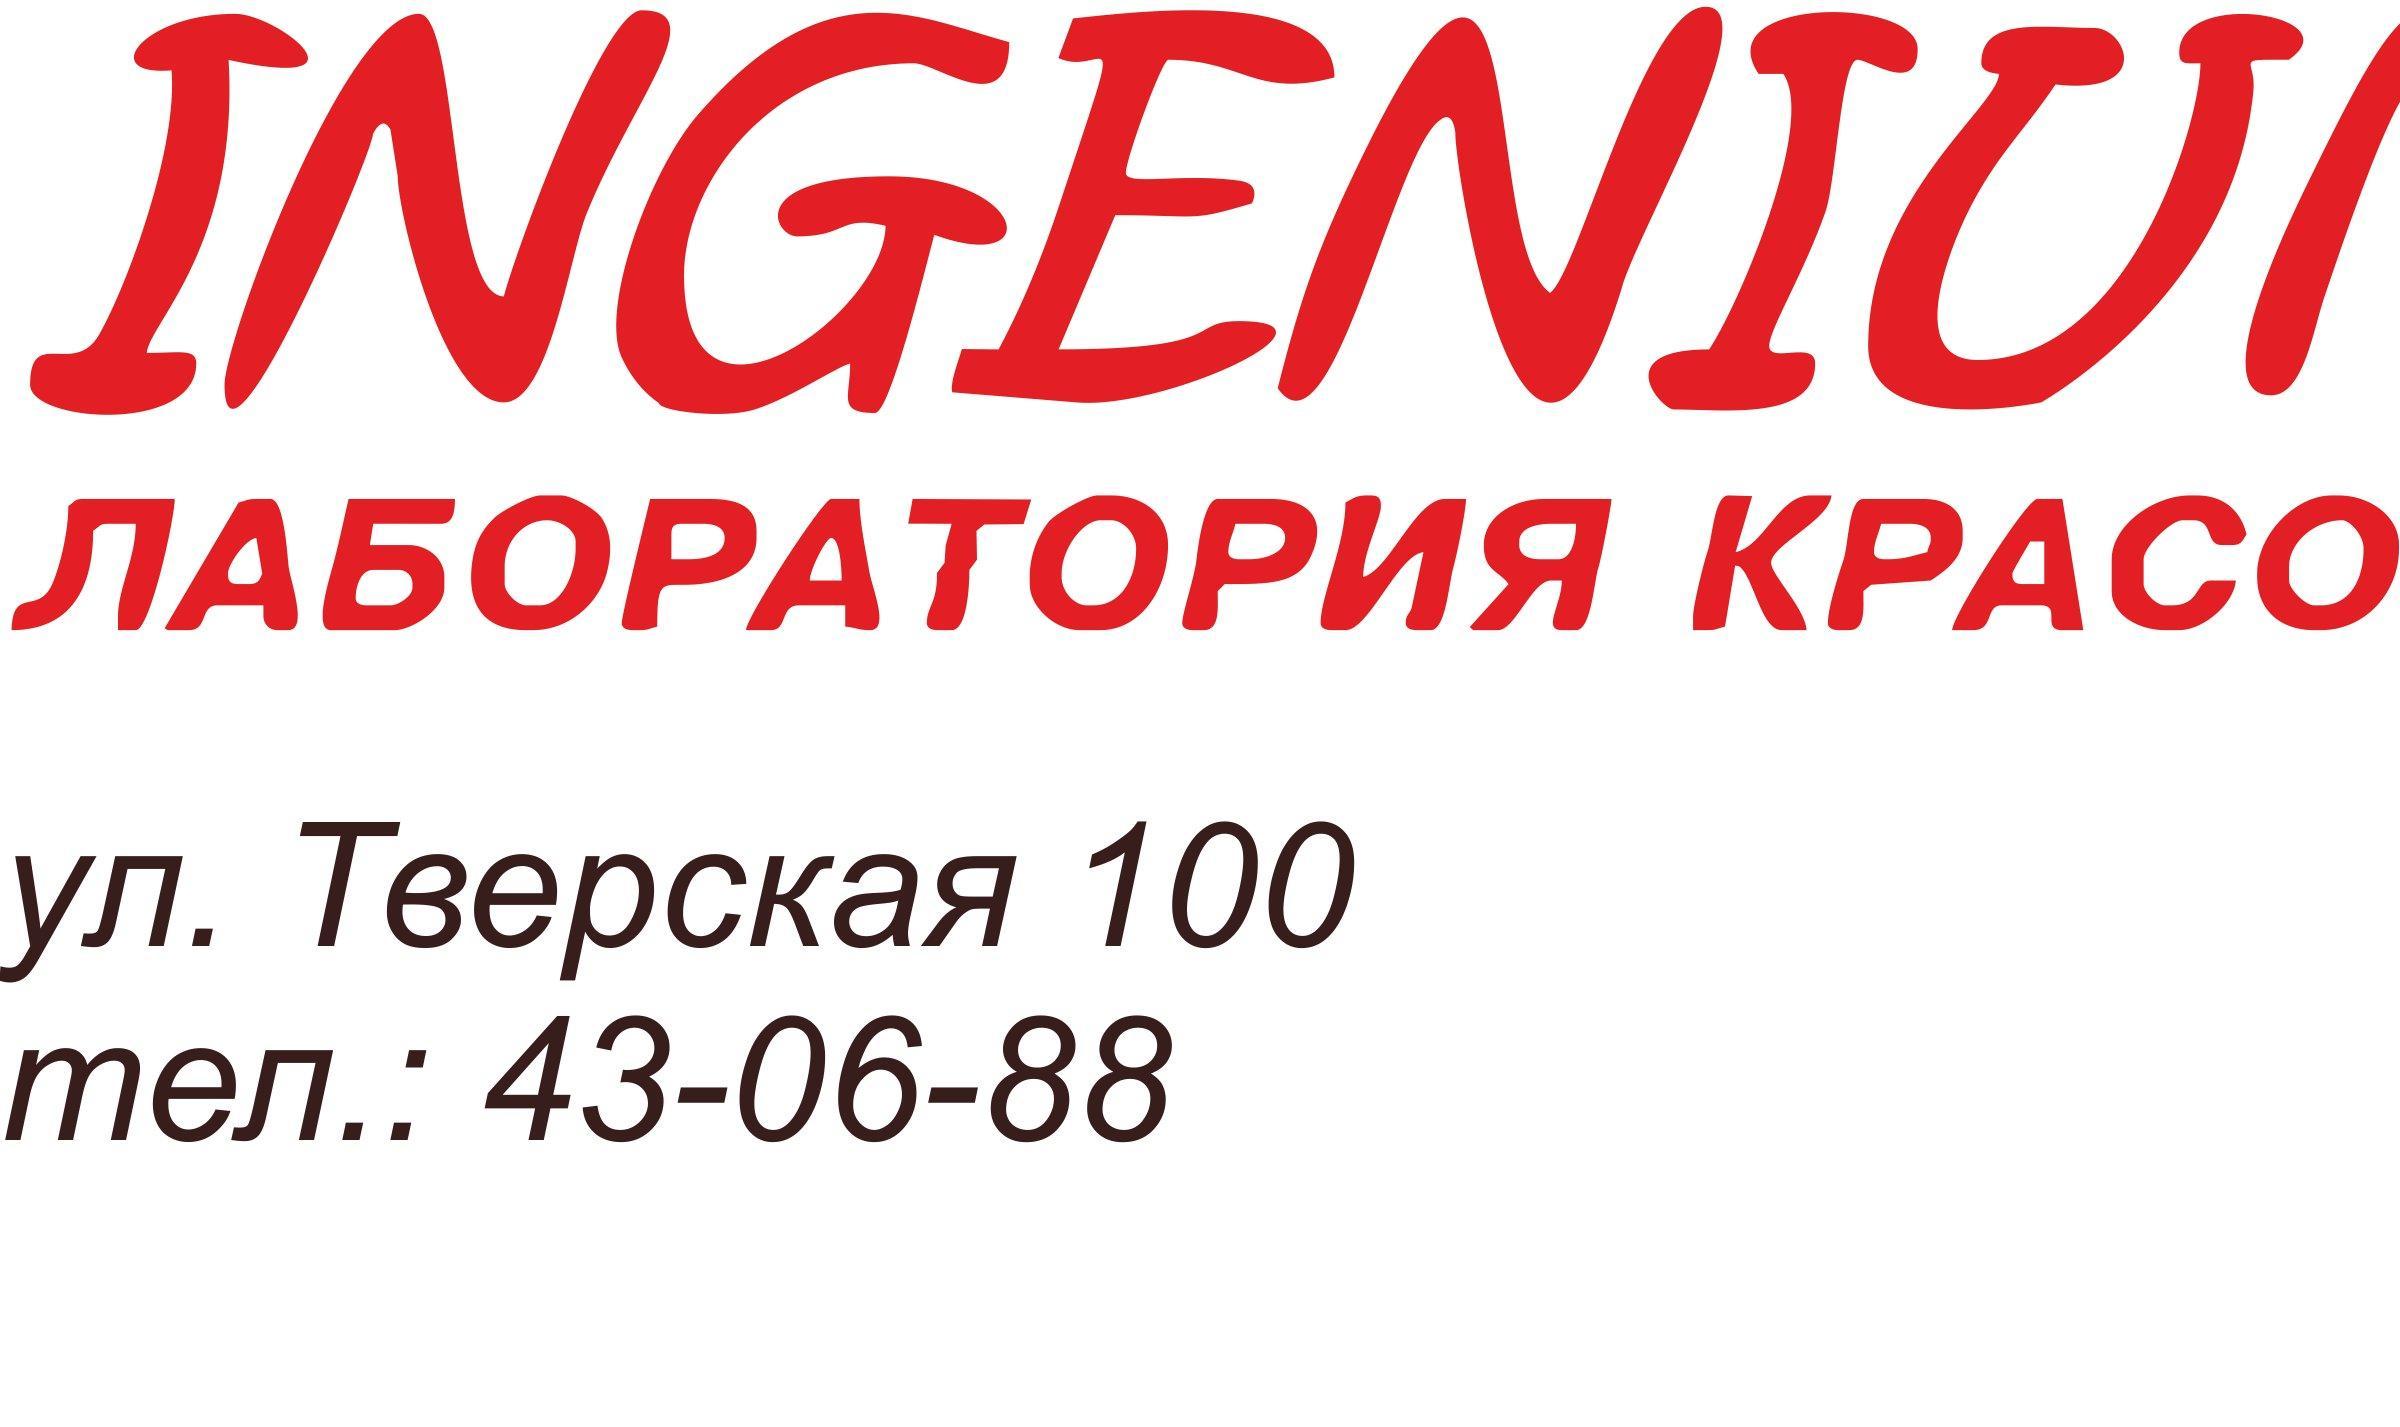 фотография Лаборатории красоты Ingenium на Тверской улице